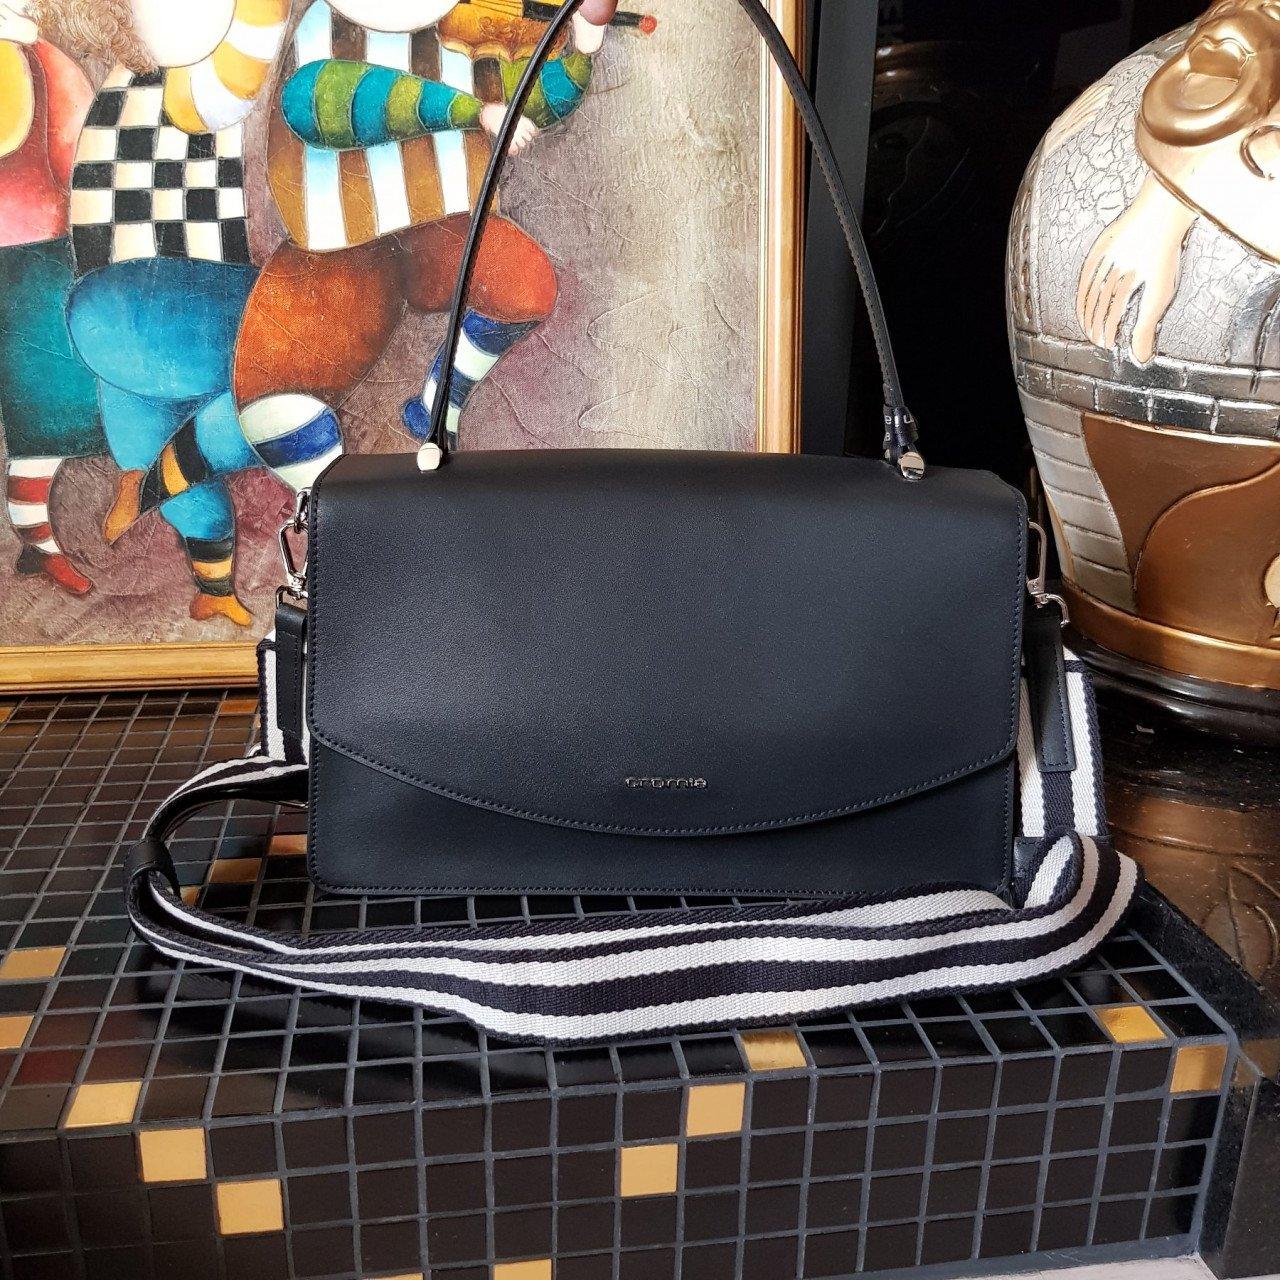 Женская кожаная сумка Cromia 1404667 NERO из натуральной кожи